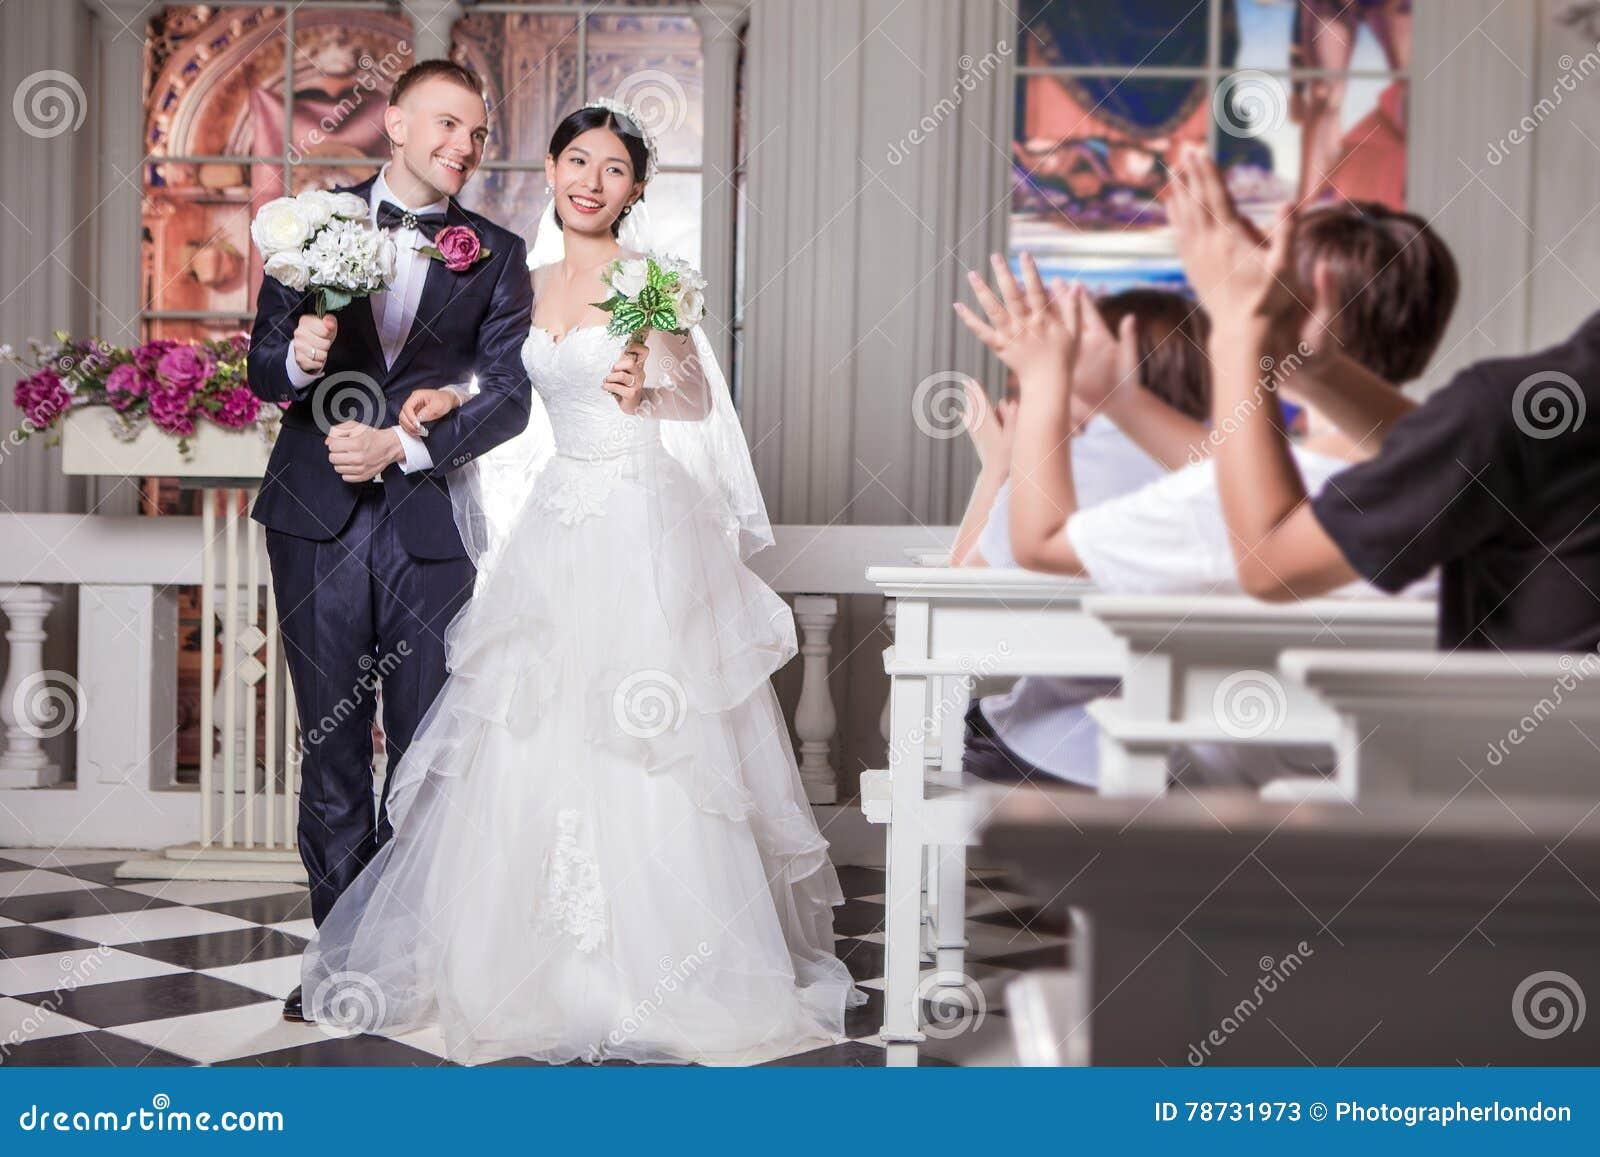 Gli ospiti di nozze che applaudono per la persona appena sposata coppia i fiori della tenuta in chiesa